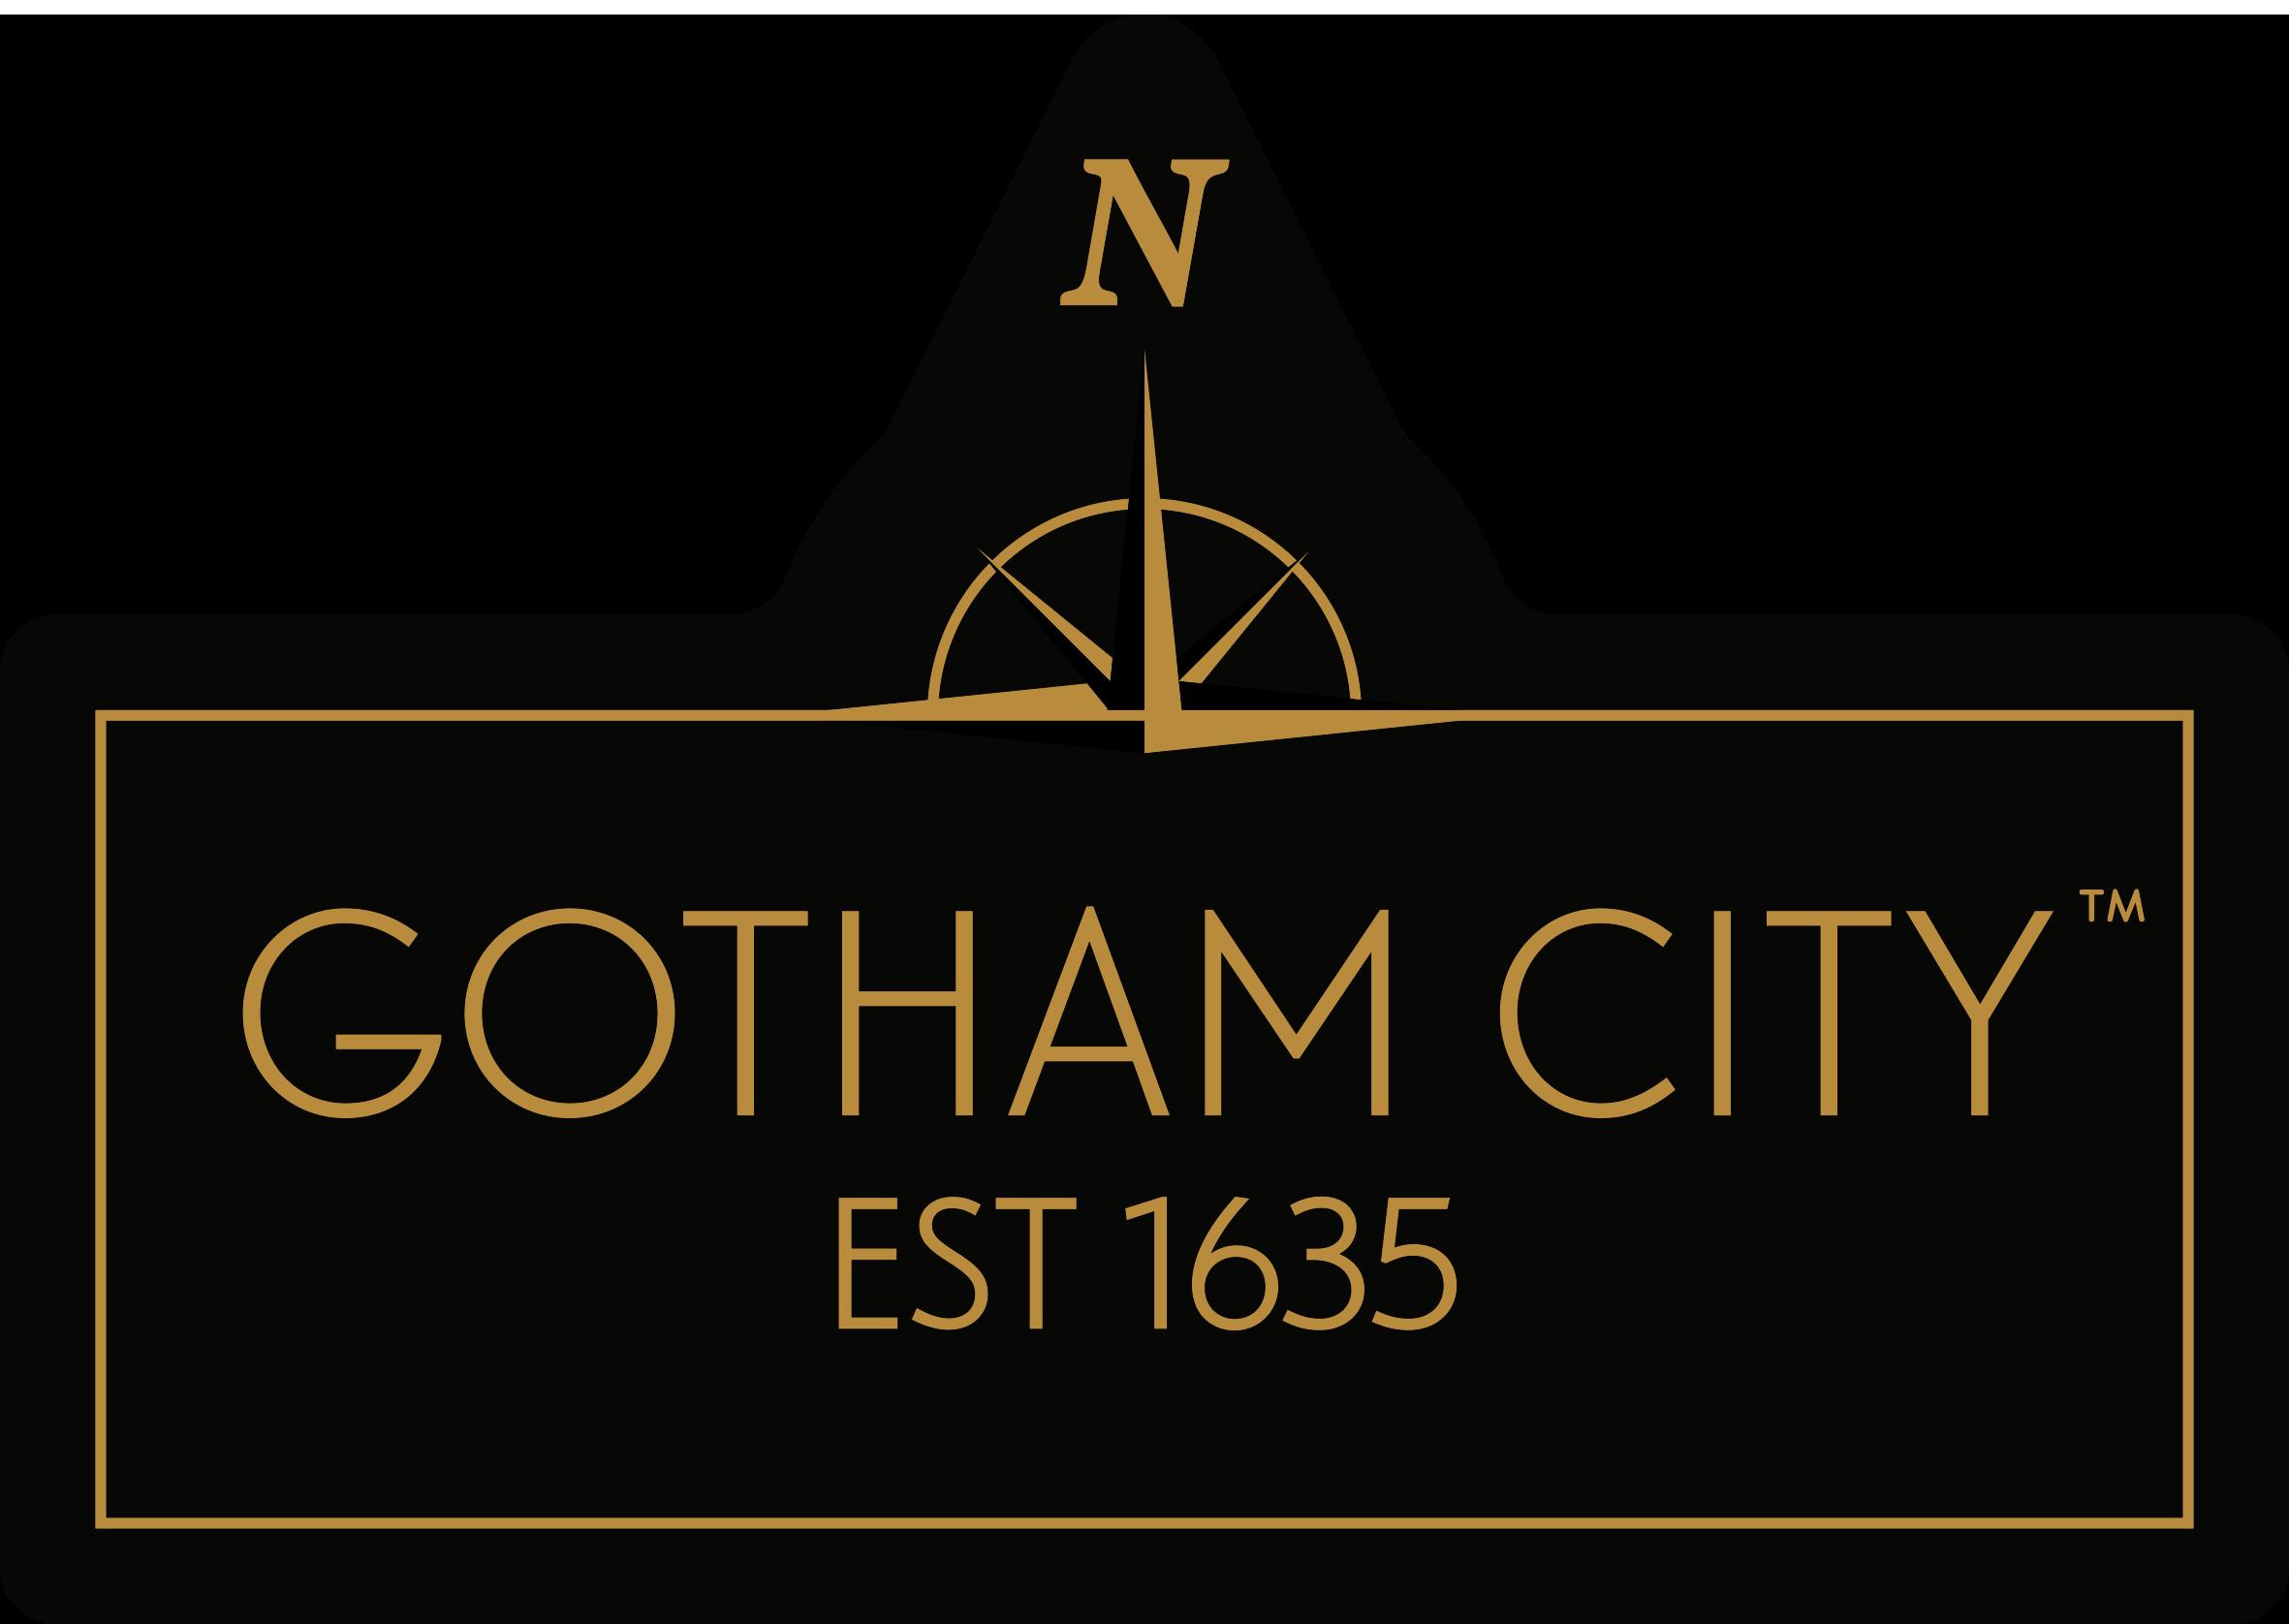 Gotham City Map Key